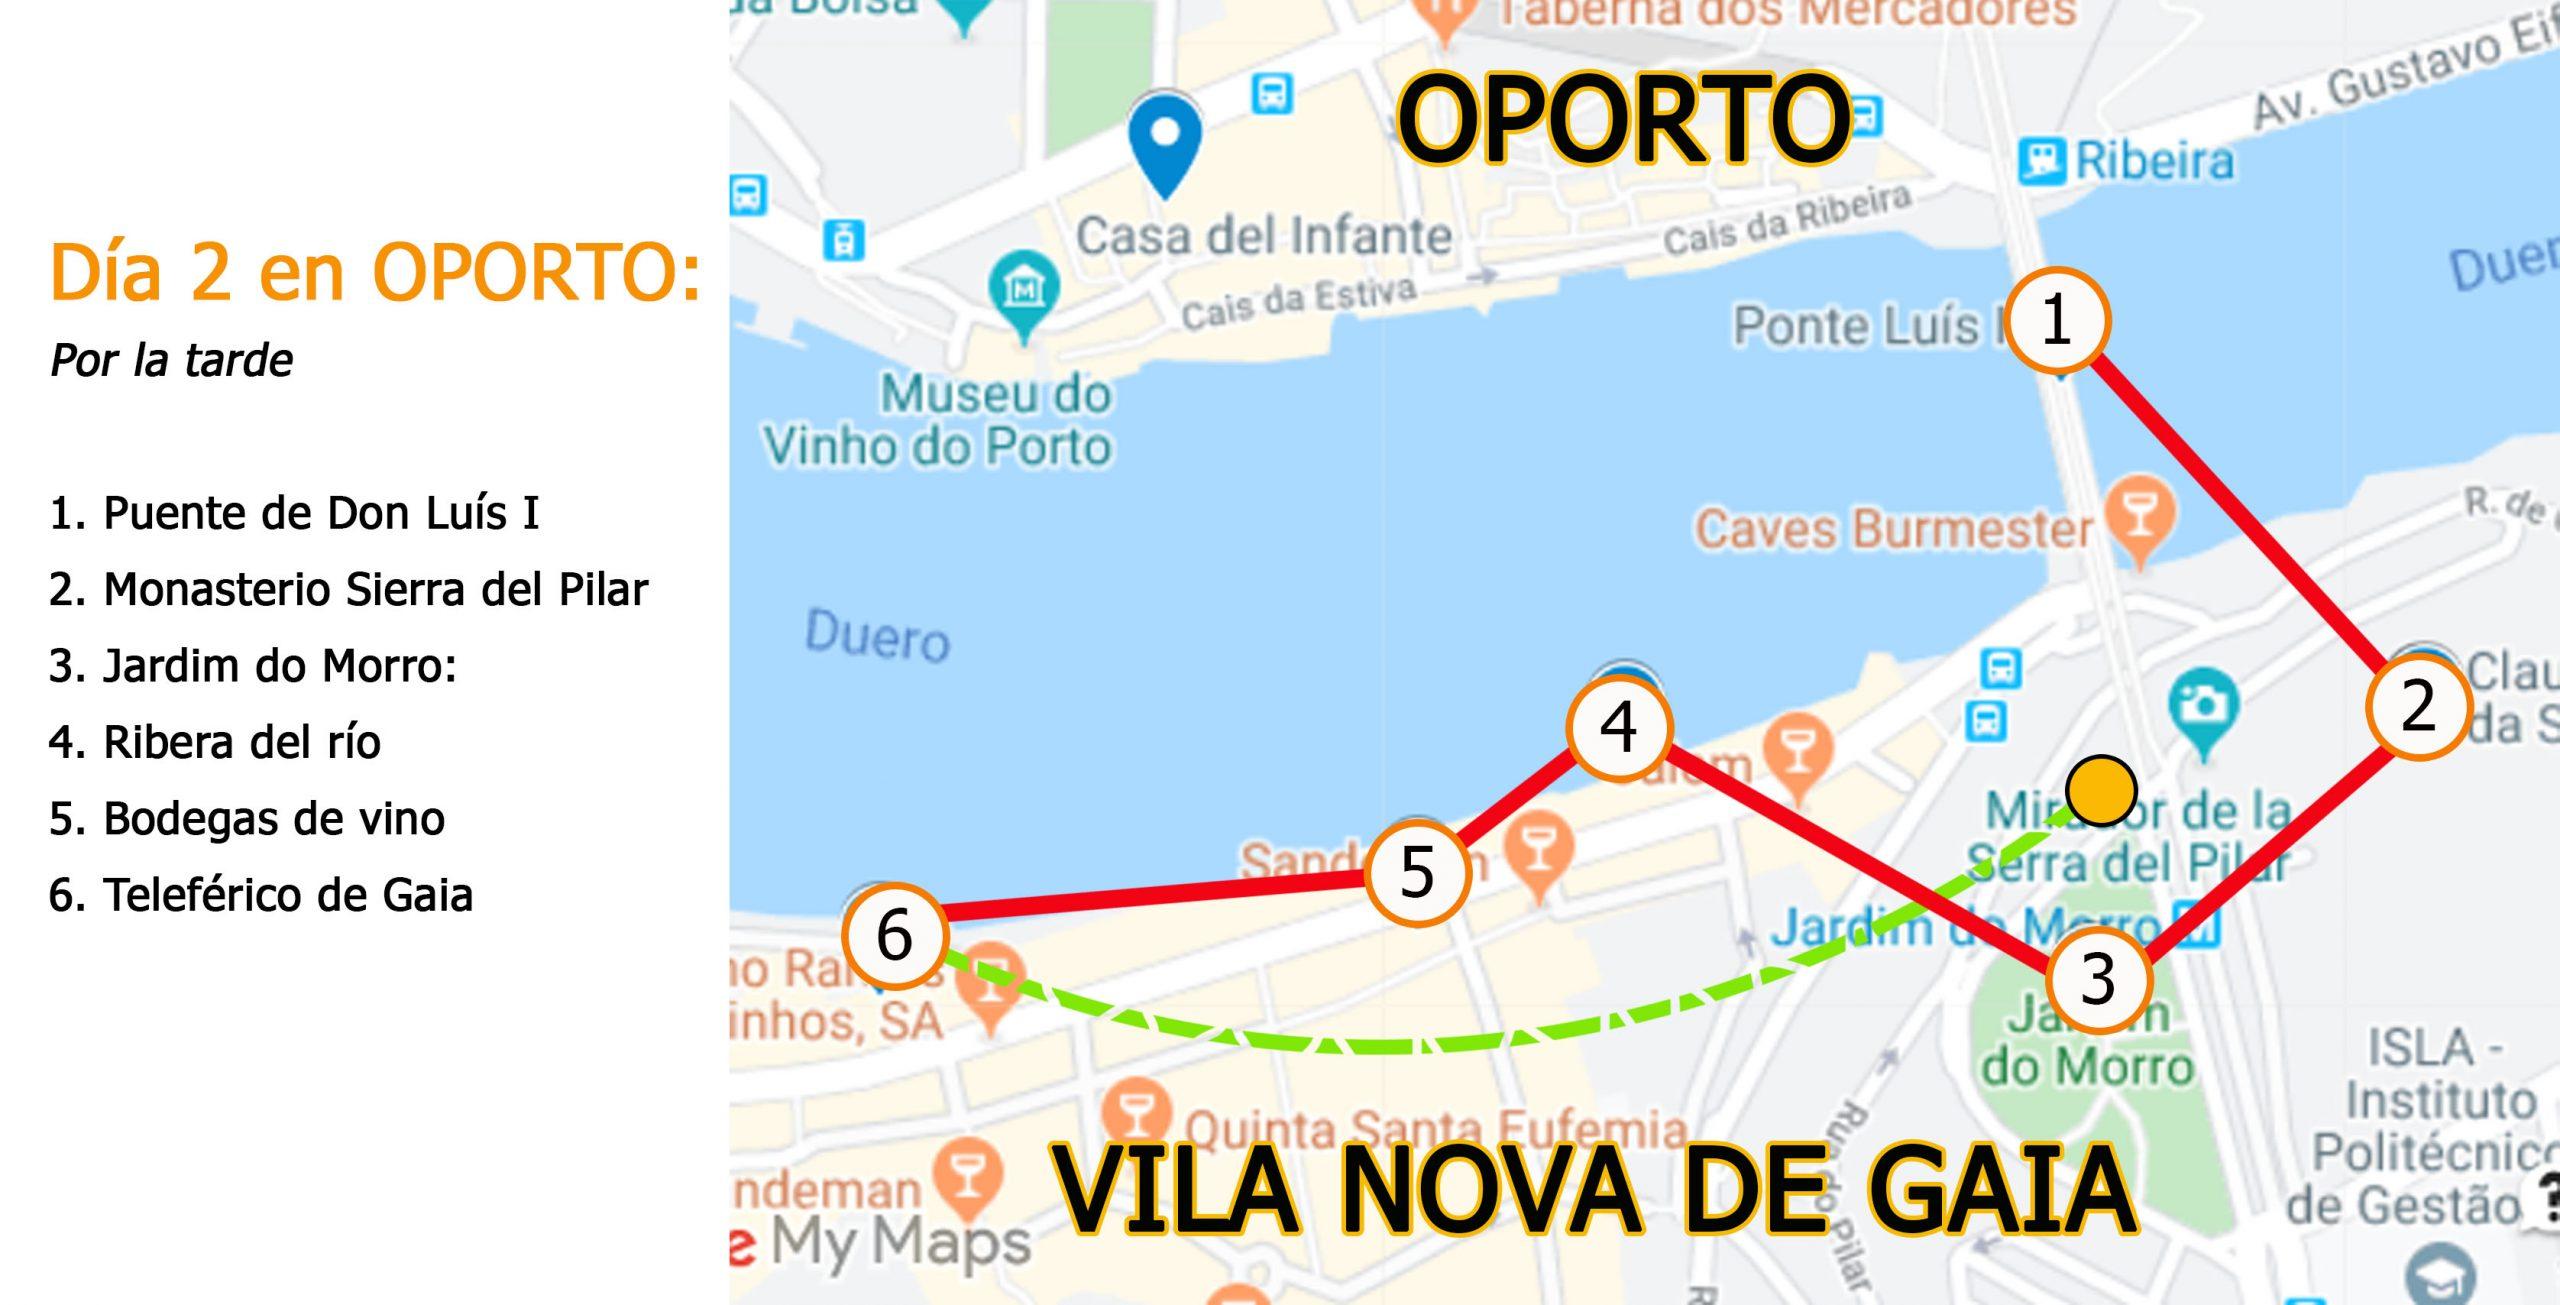 Mapa dia 2 POR LA TARDE en Oporto Viviendoporelmundo